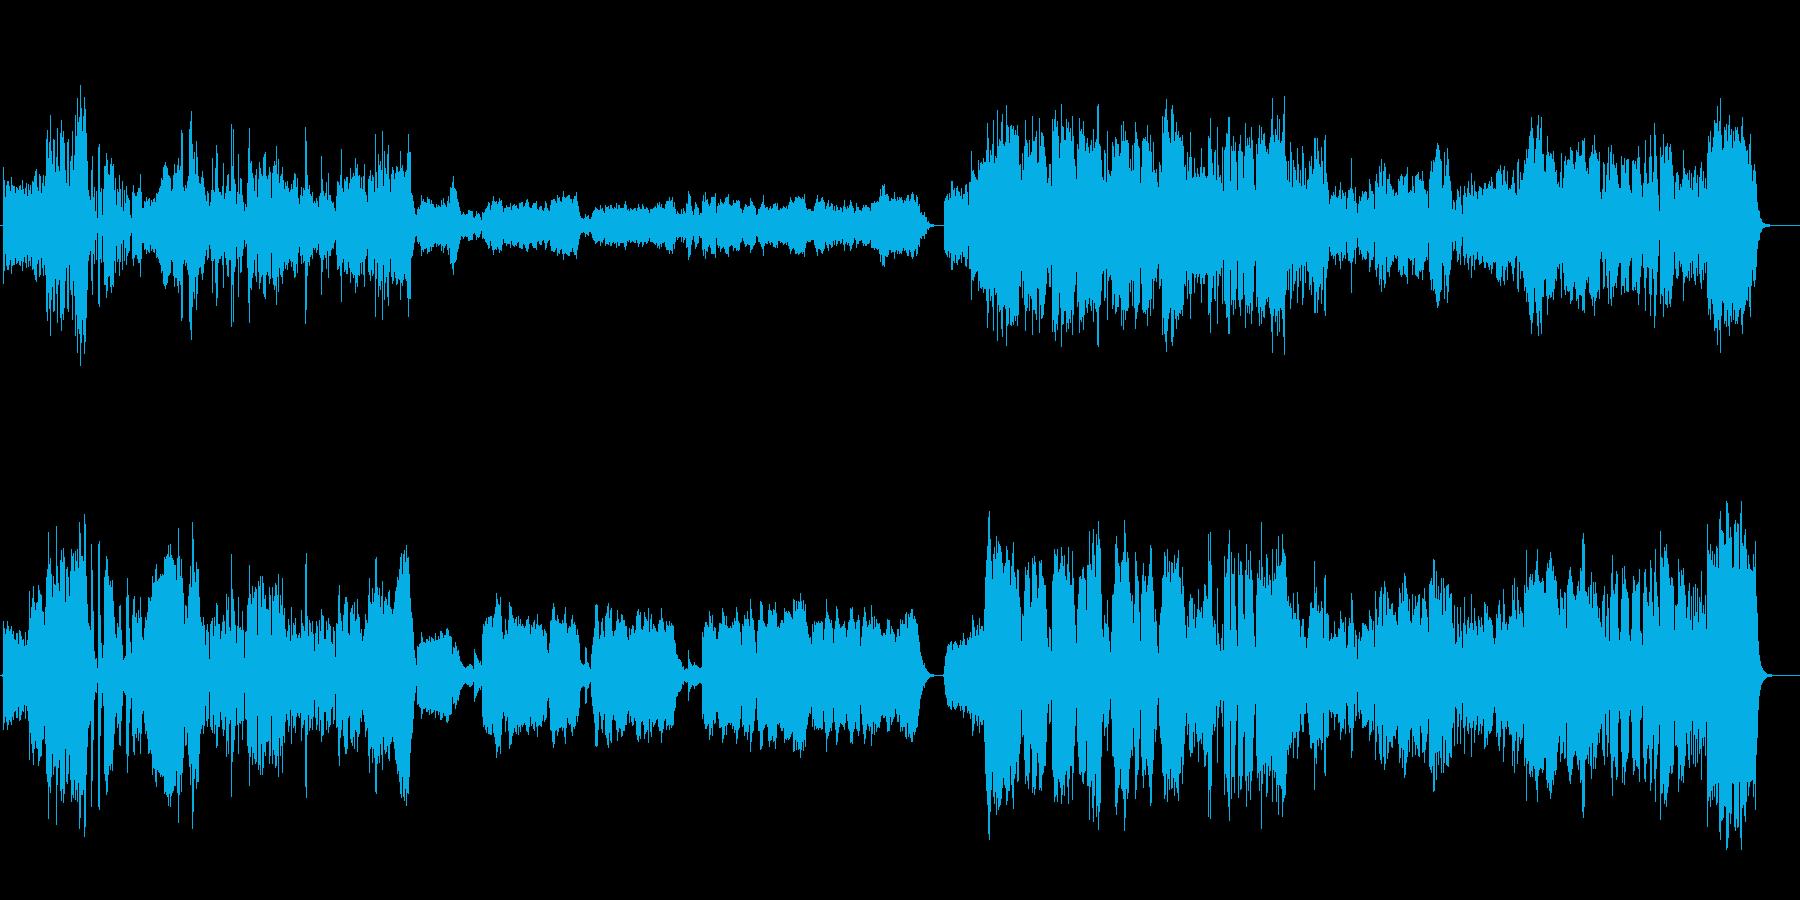 何か物語が始まりそうなミュージカル風序曲の再生済みの波形